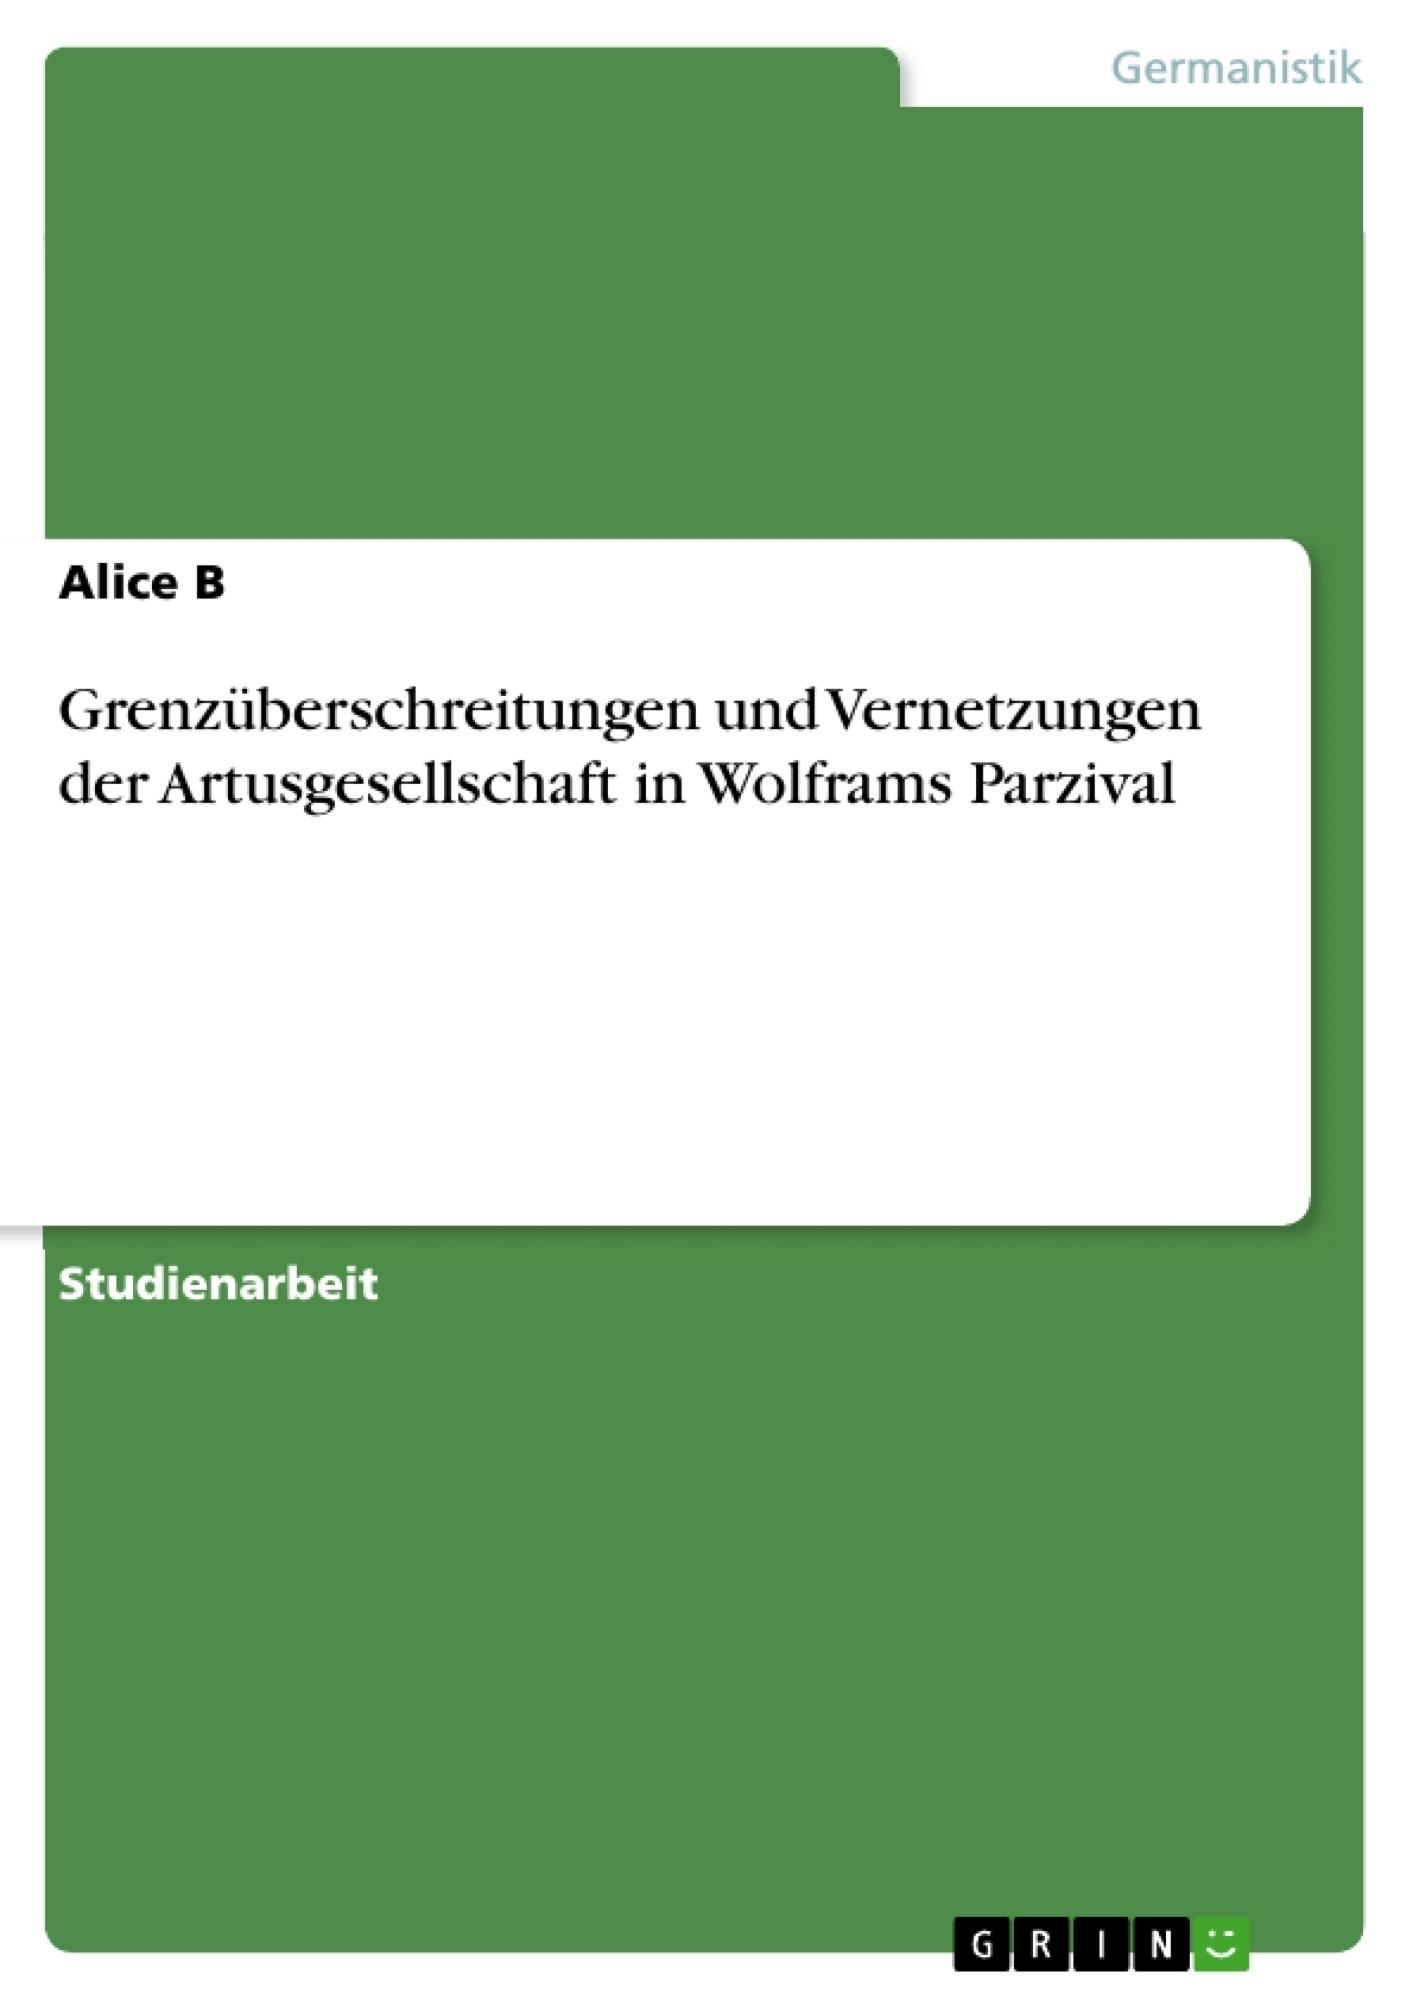 Titel: Grenzüberschreitungen und Vernetzungen der Artusgesellschaft in Wolframs Parzival